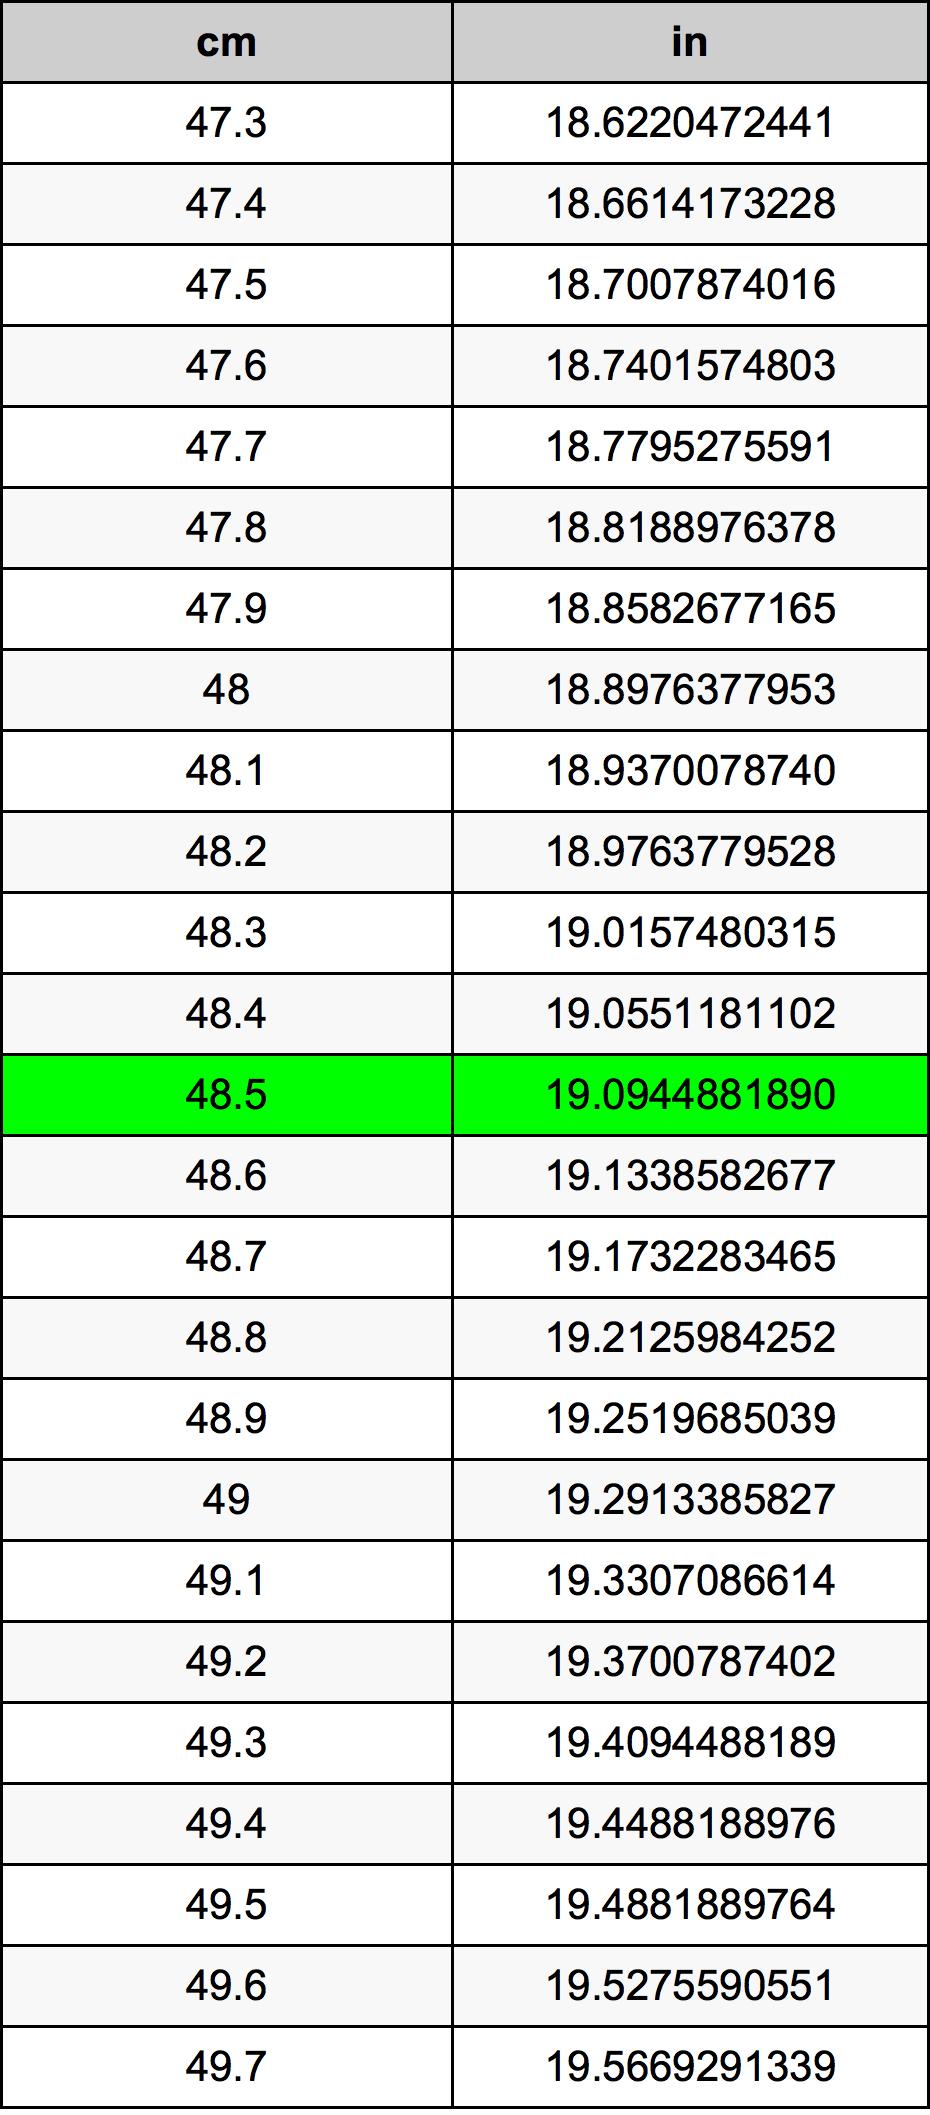 48.5 सेंटीमीटर रूपांतरण सारणी